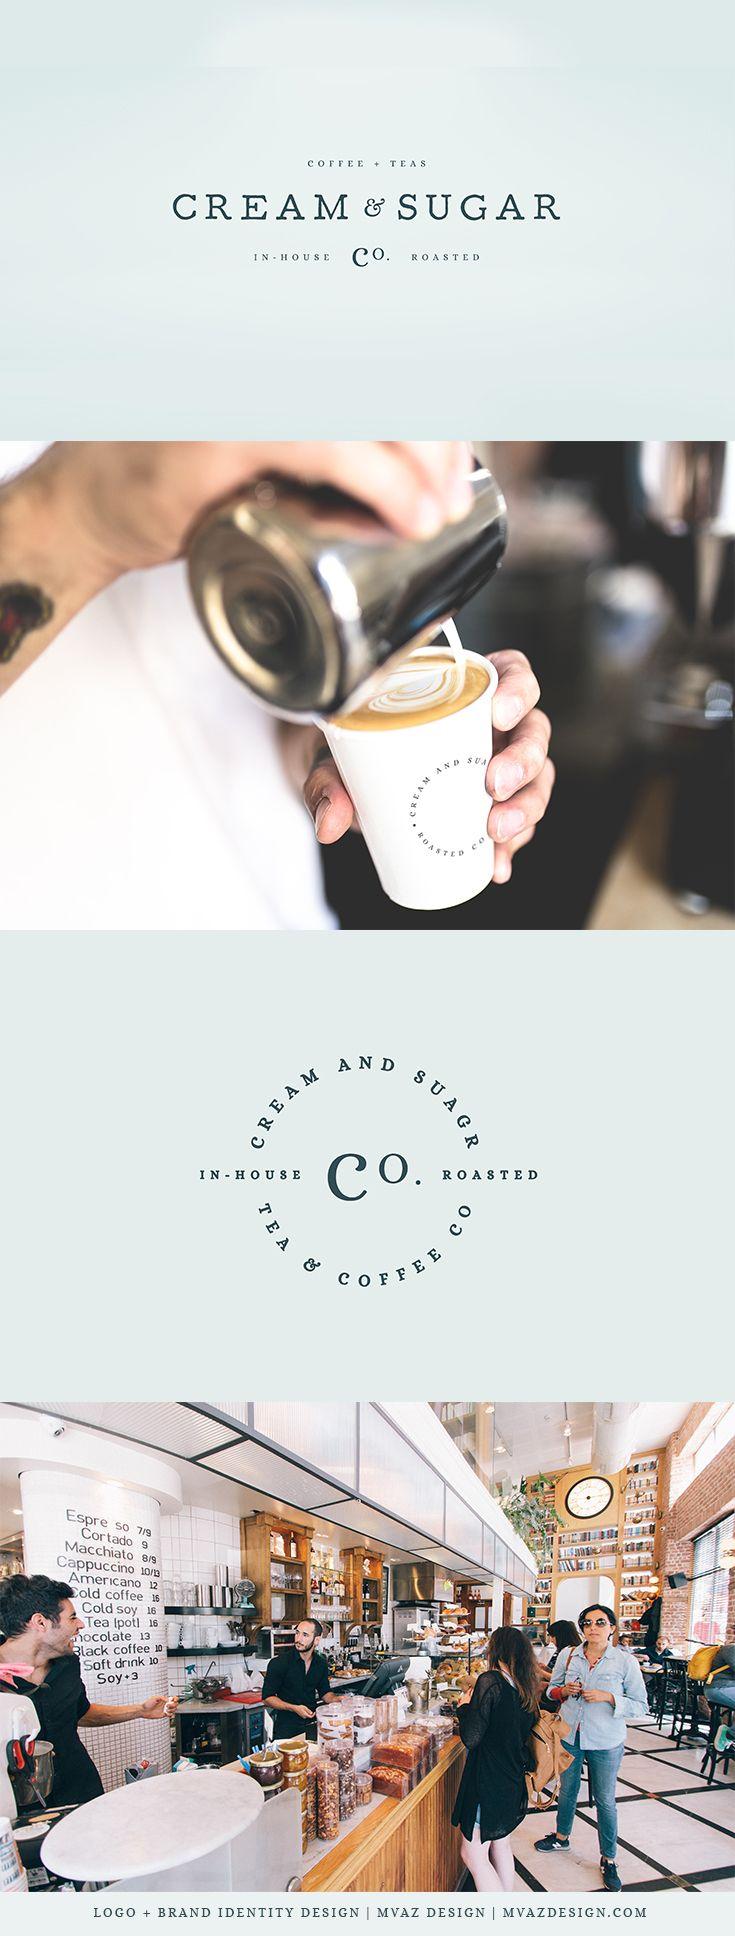 Cream & Sugar   Café Logo Design & Brand Identity   By MVAZ Design   www.mvazdesign.com